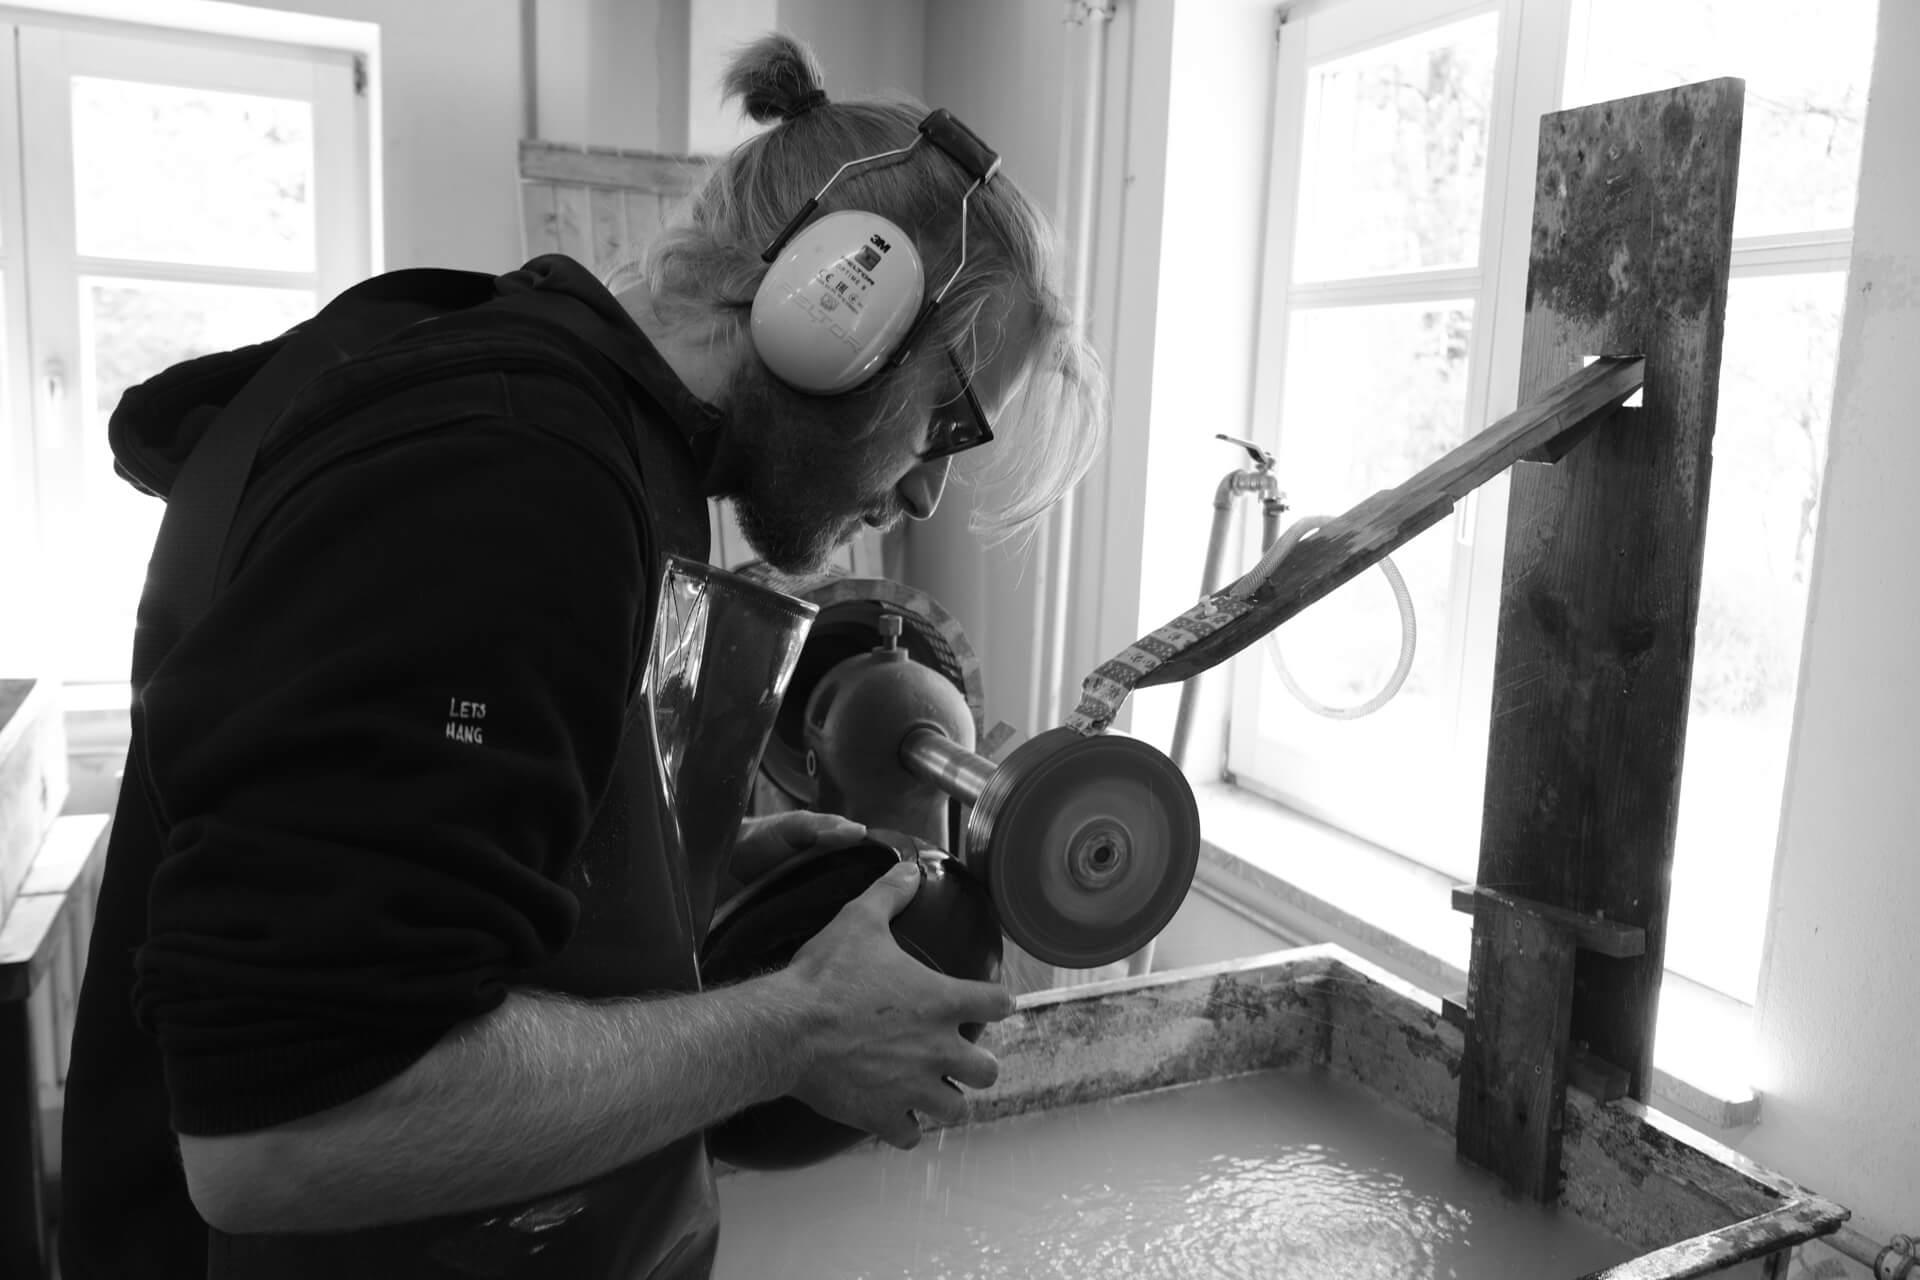 Jonas Niedermann, grinding glass, glass artist at work